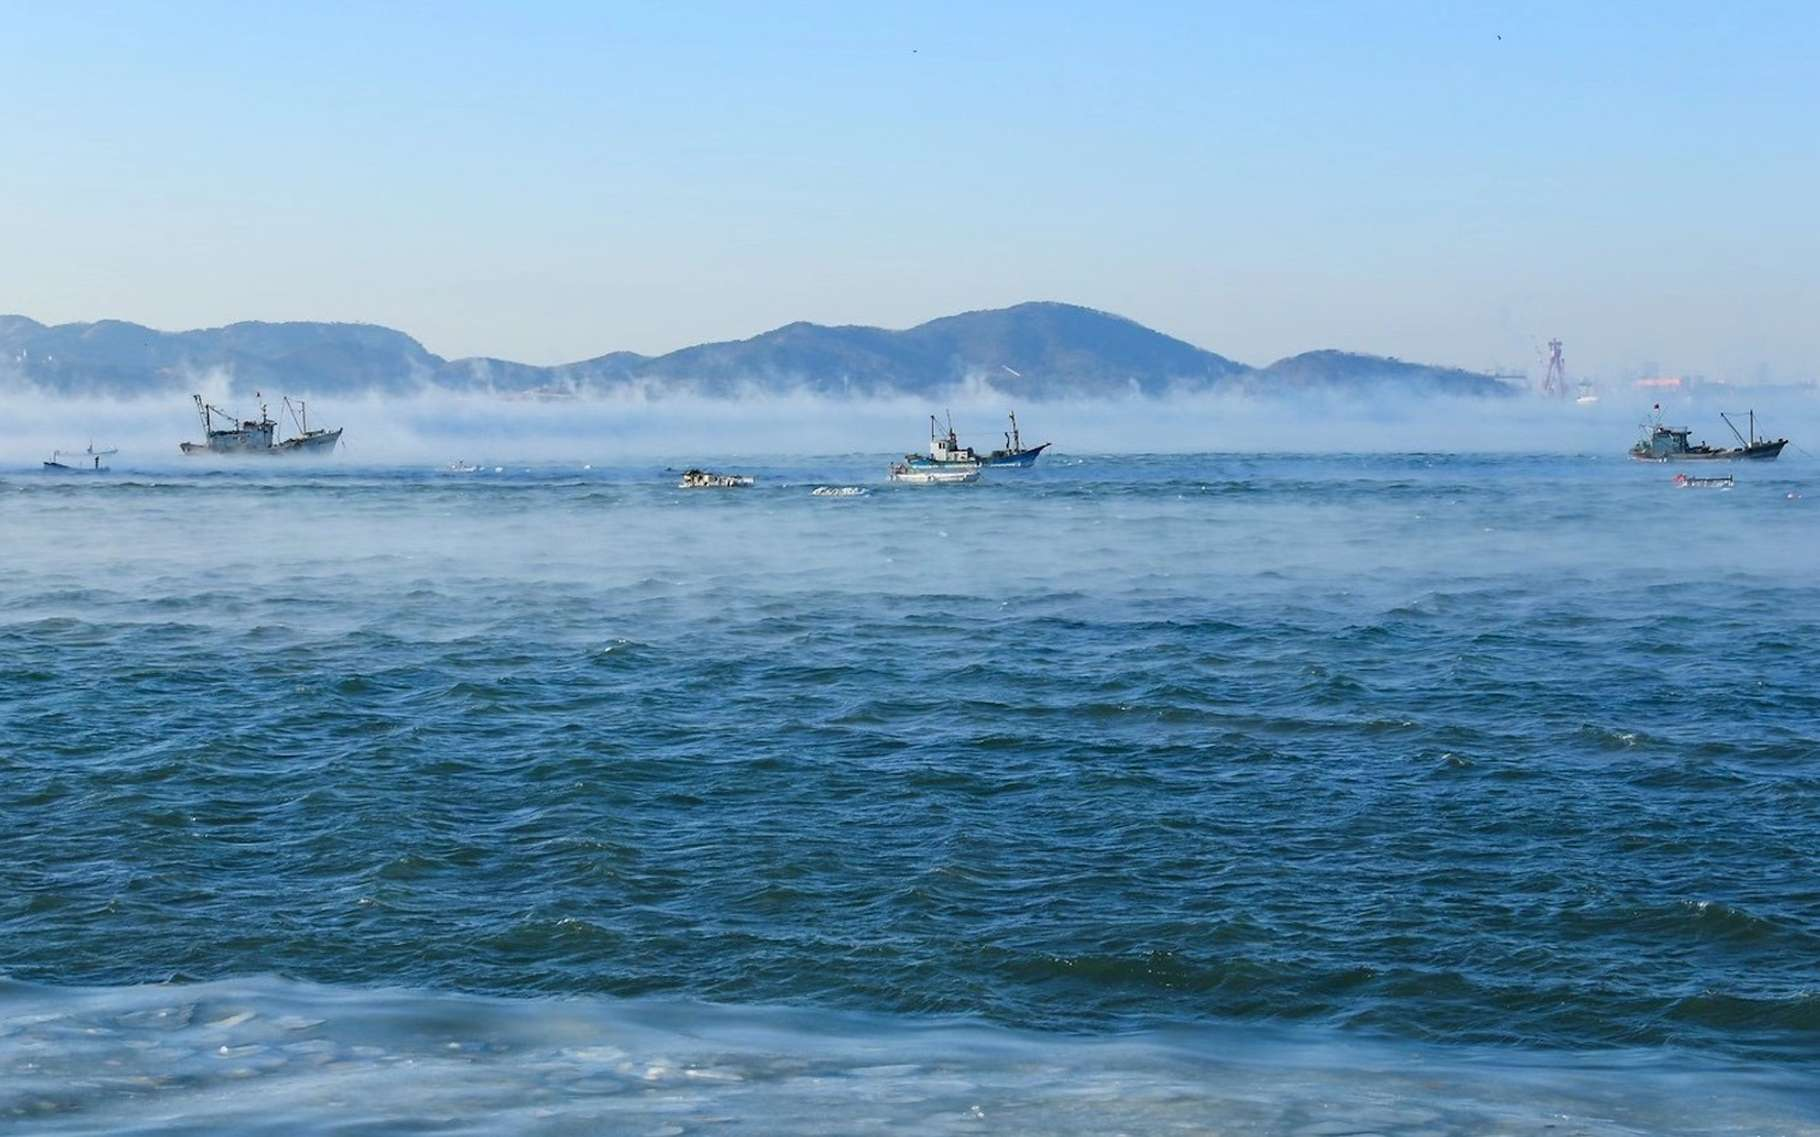 Le brouillard de mer observé ici en mer Arctique est un phénomène rare. Il apparaît lorsqu'un air glacial entre en contact avec une eau relativement chaude. © Shaoqing Wang, Académie des sciences chinoise